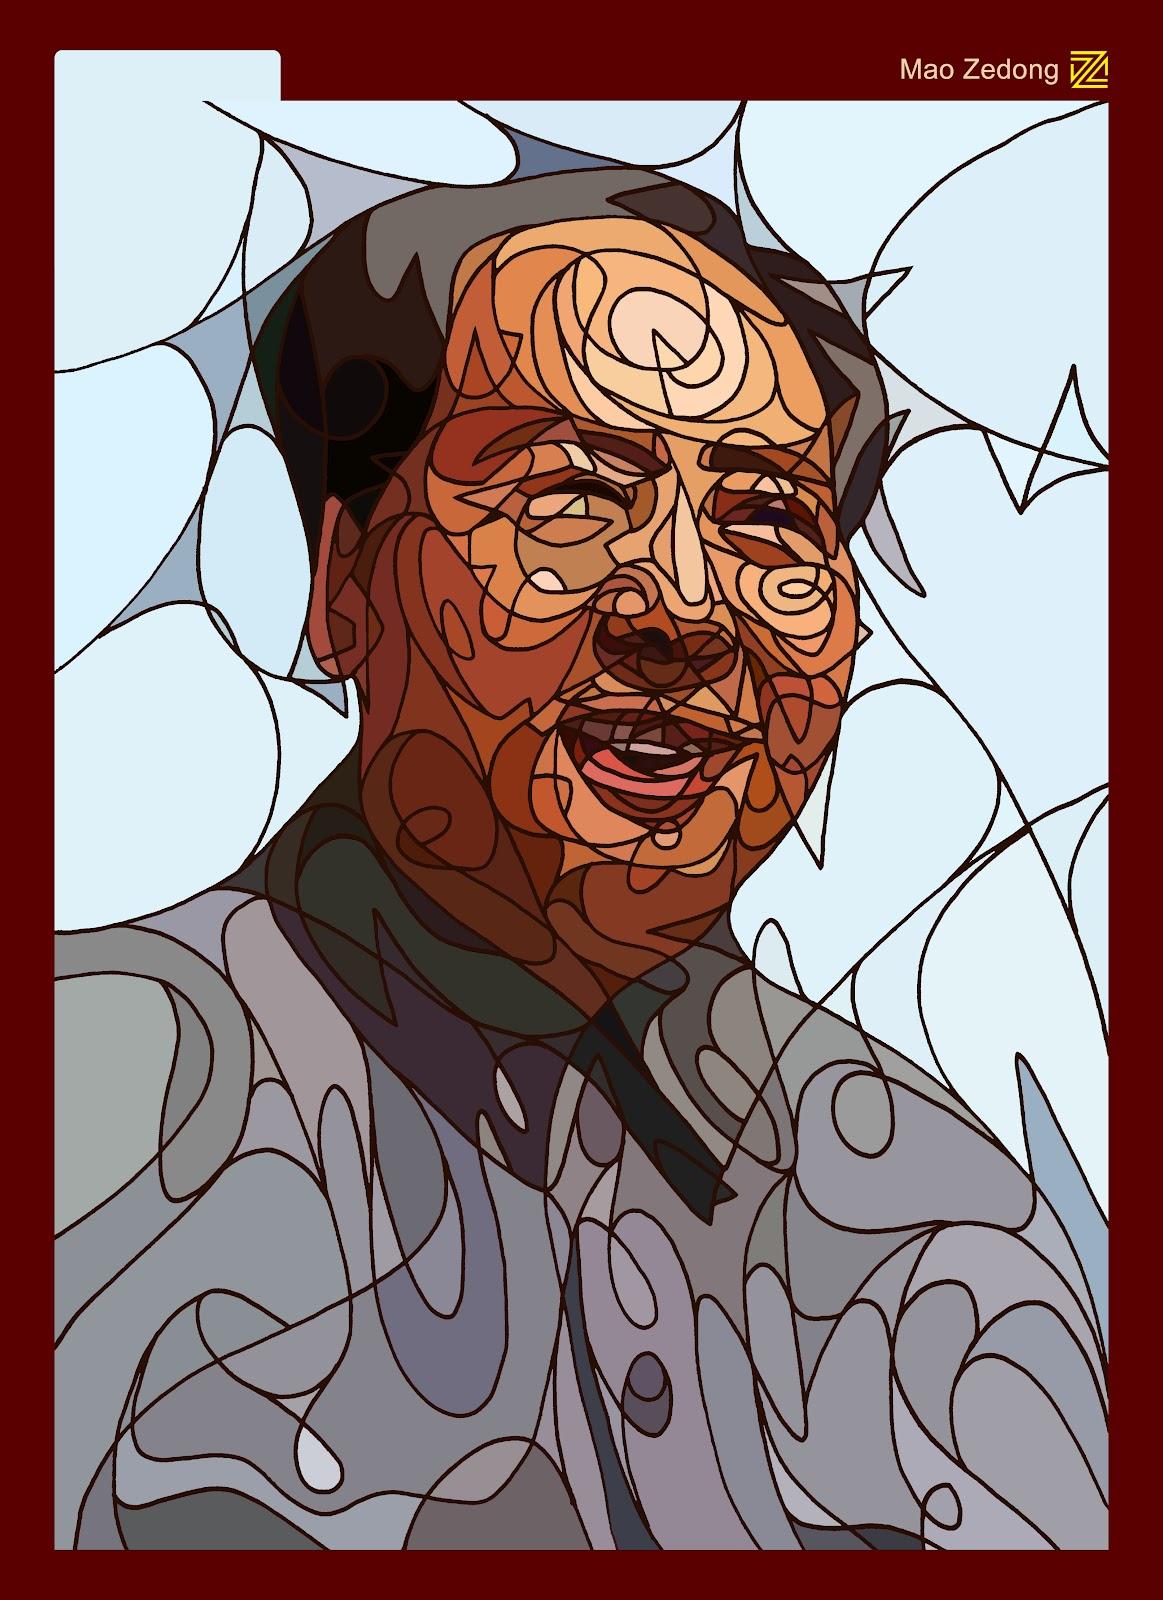 *撩亂草寫勾勒出熟悉KAWS的Pinocchio面孔:Dozow Chen 5